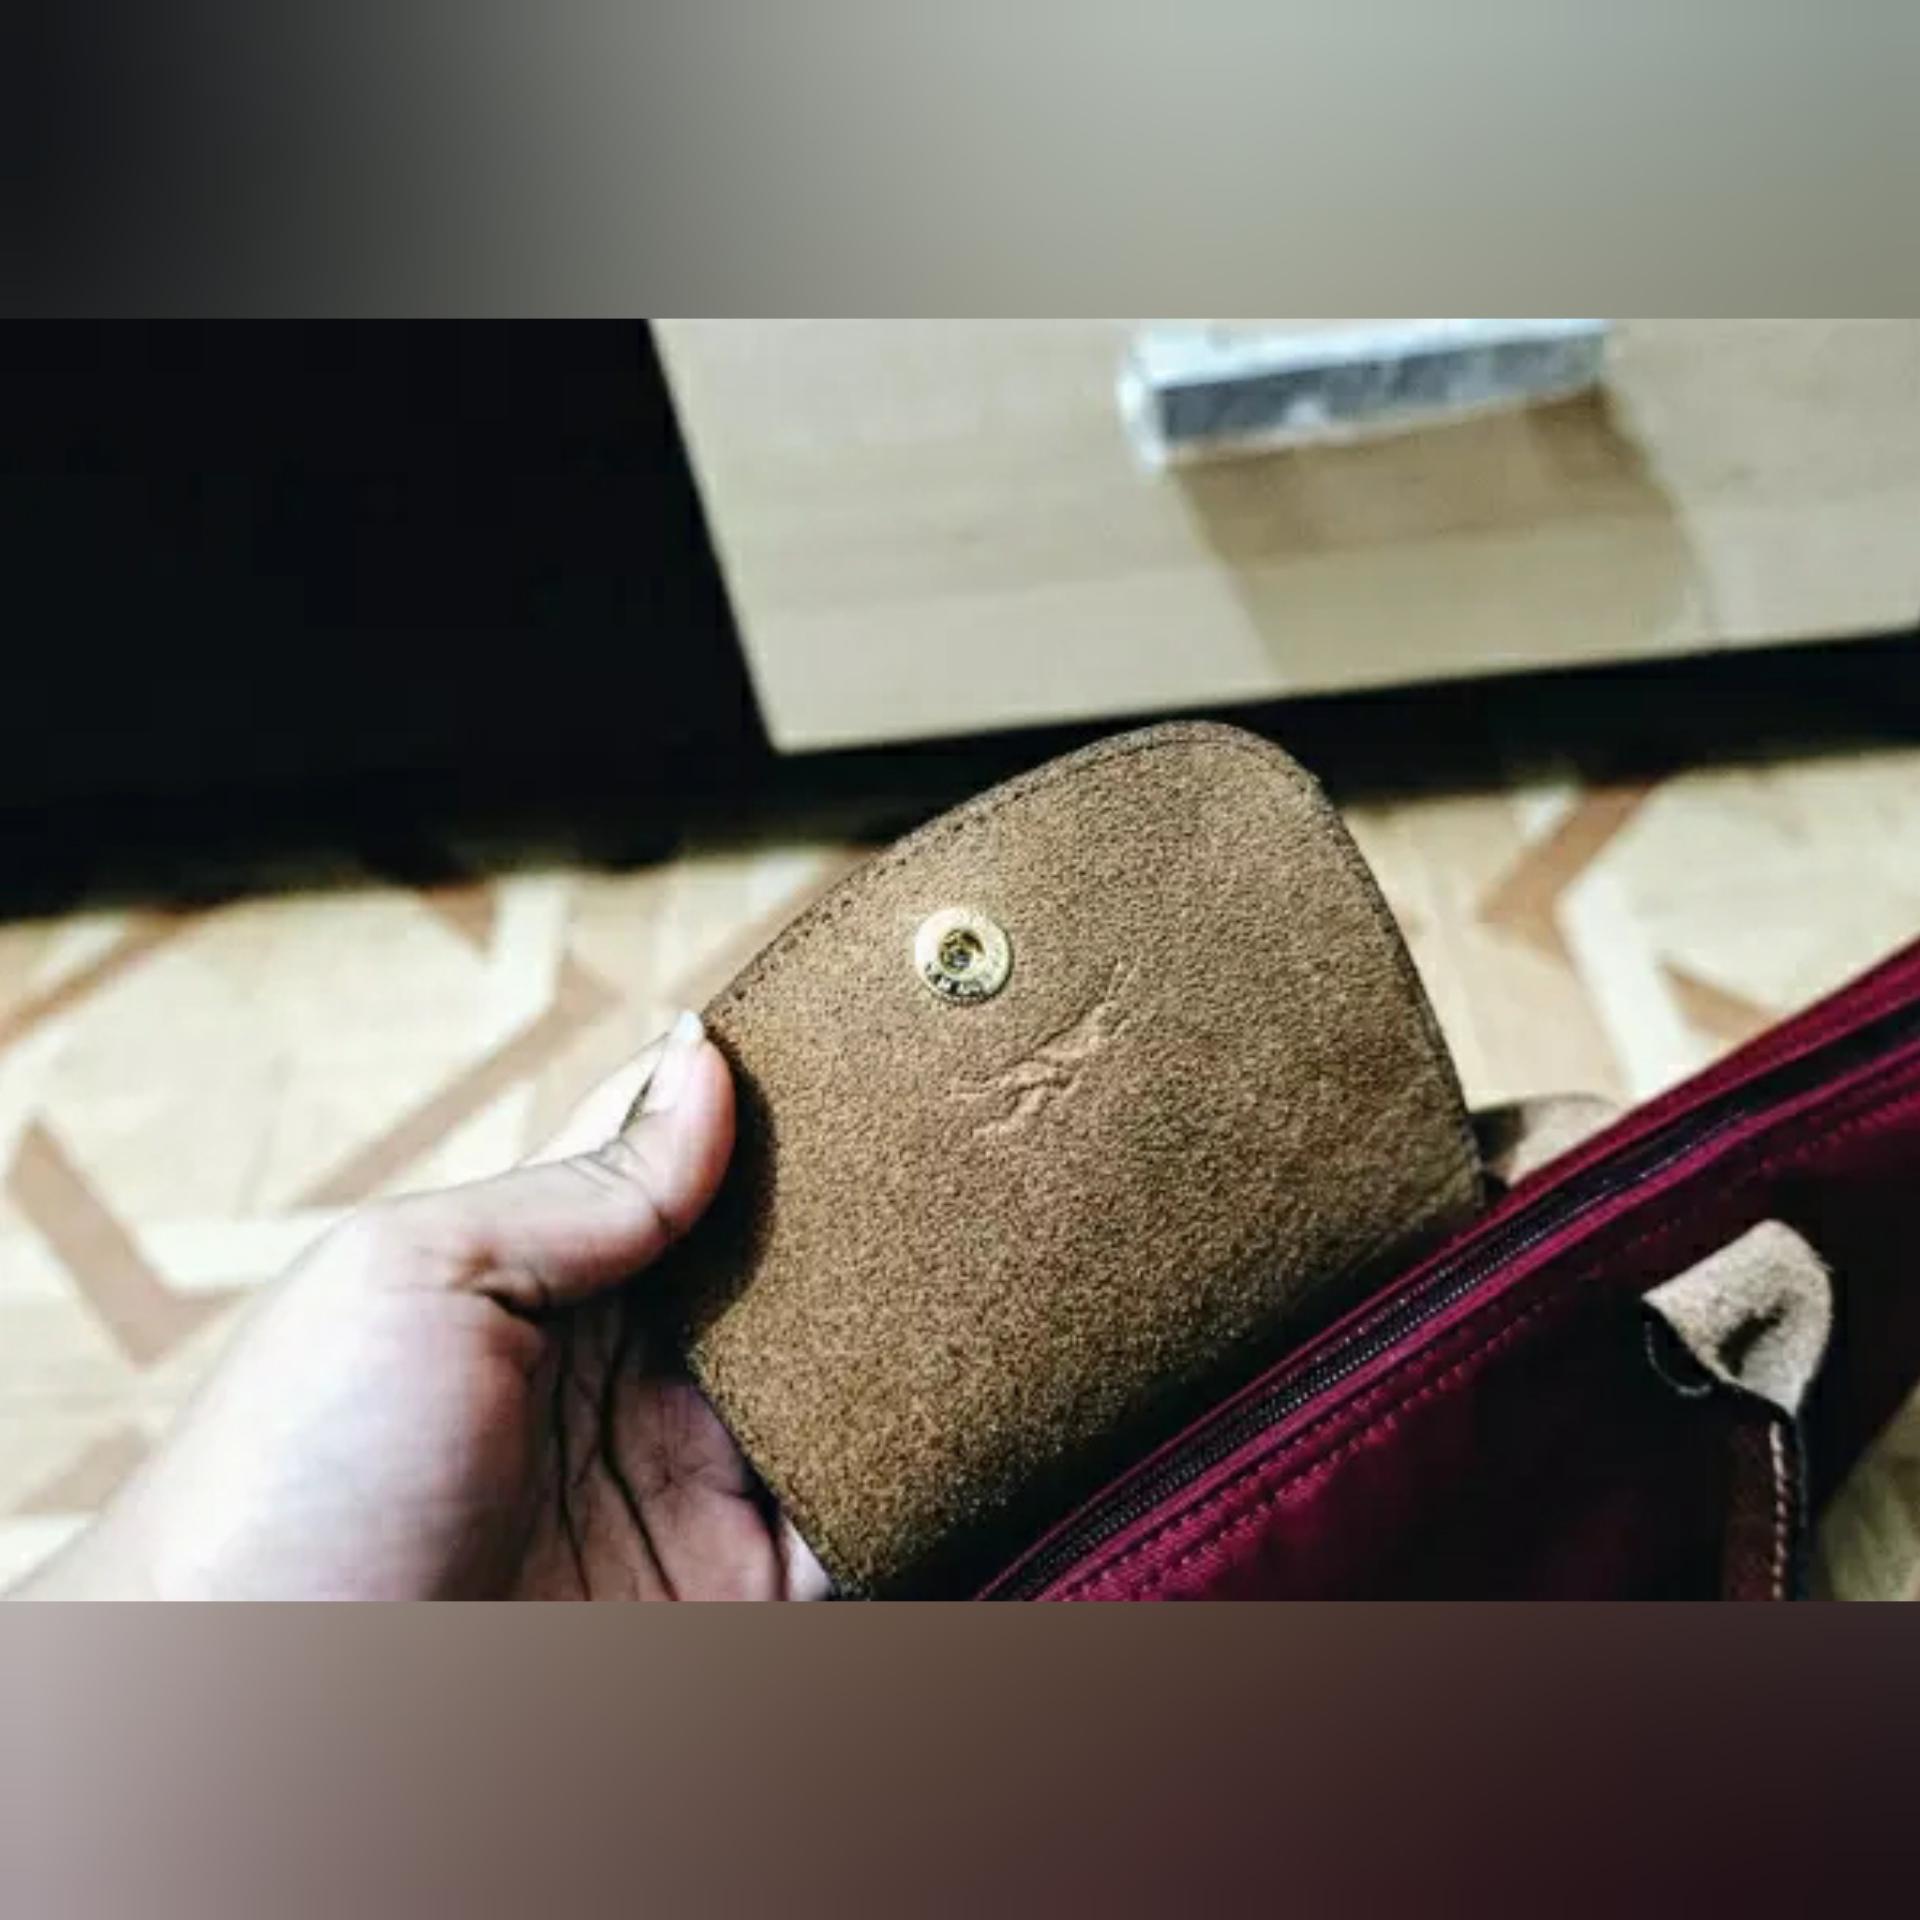 Fitur Longchamp Paris Dan Harga Terbaru Informasi Produk Le Pliage Cocarde Crossbody Navy 2 3